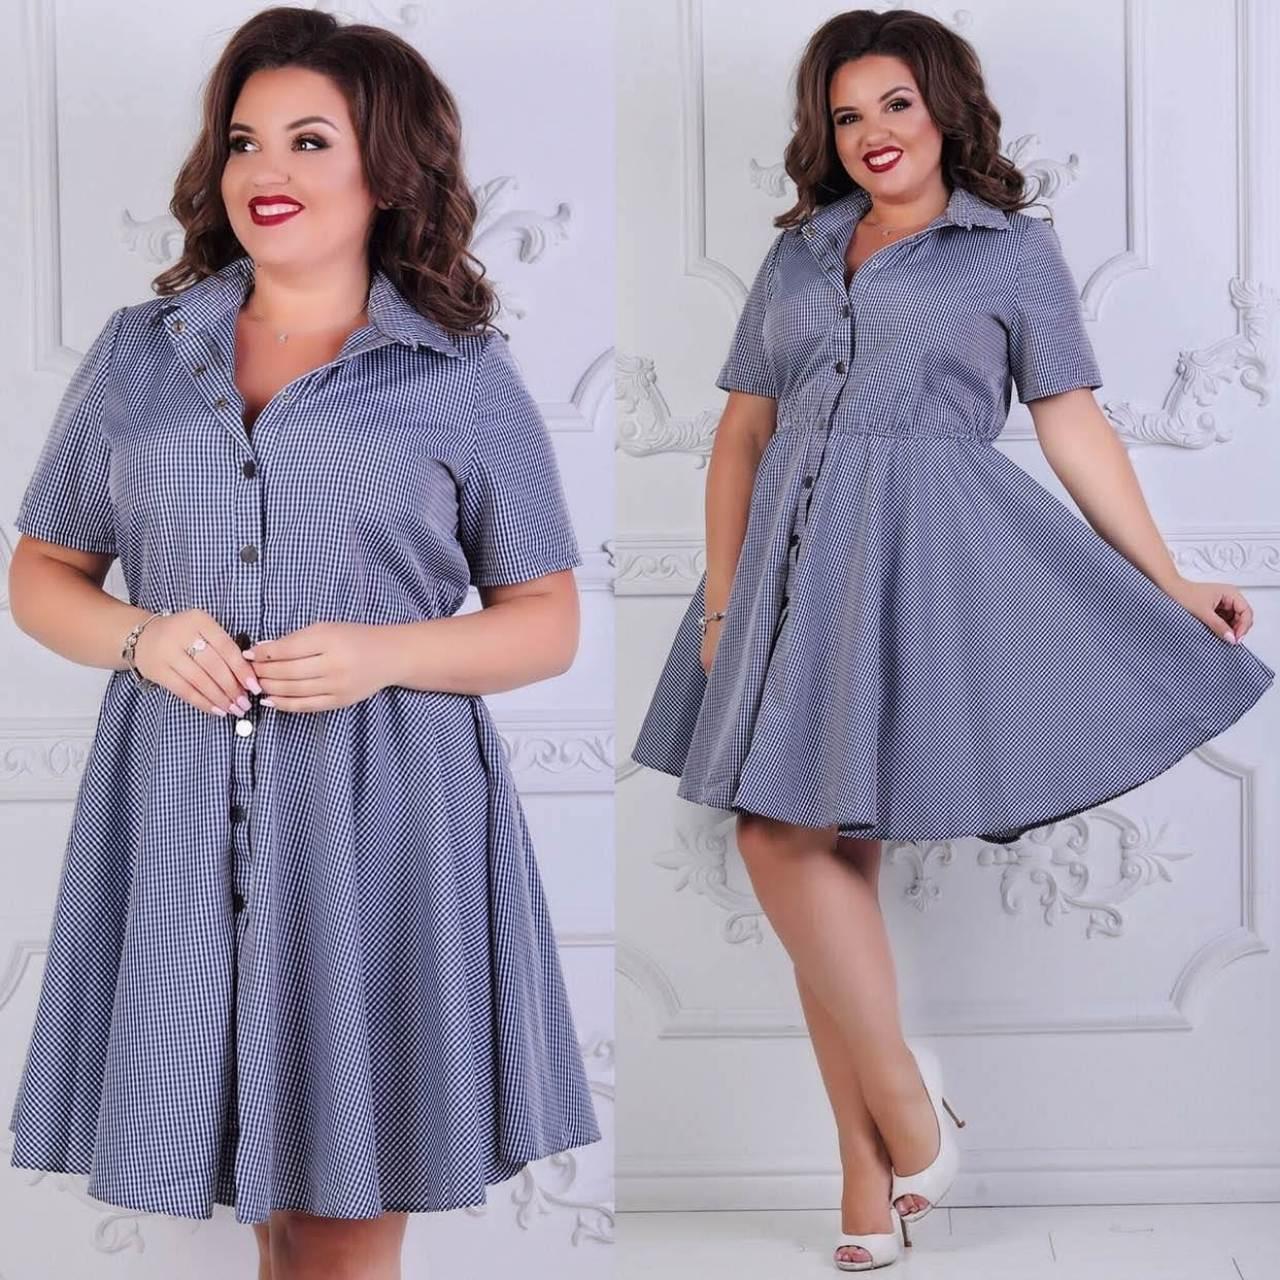 Женское платье Цвета: в ассортименте. Размеры 50,52,54,56.  Ткань коттон